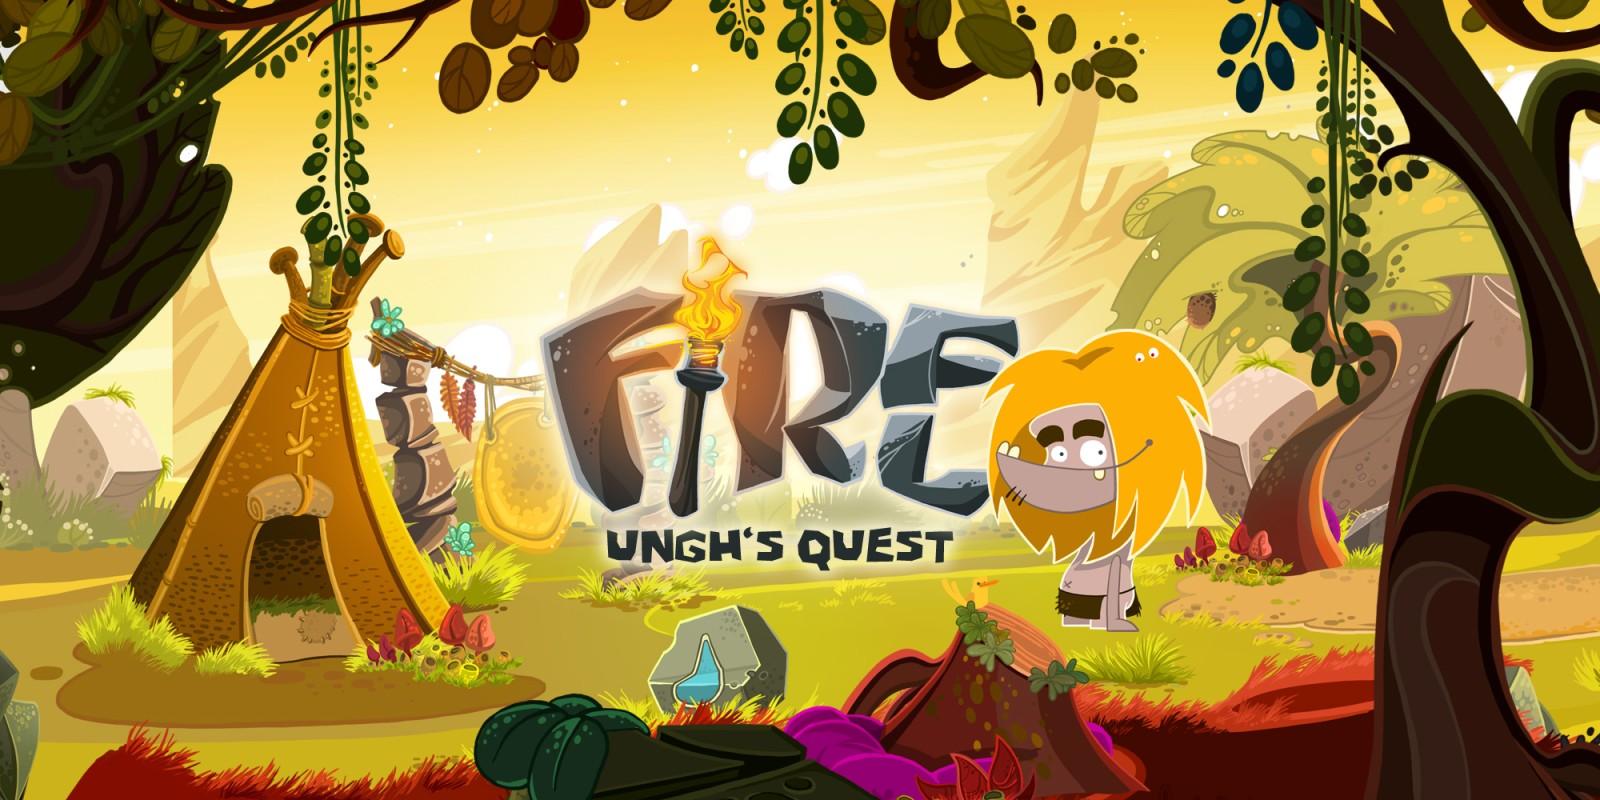 Fire: Ungh's Quest | Jeux à télécharger sur Wii U | Jeux | Nintendo